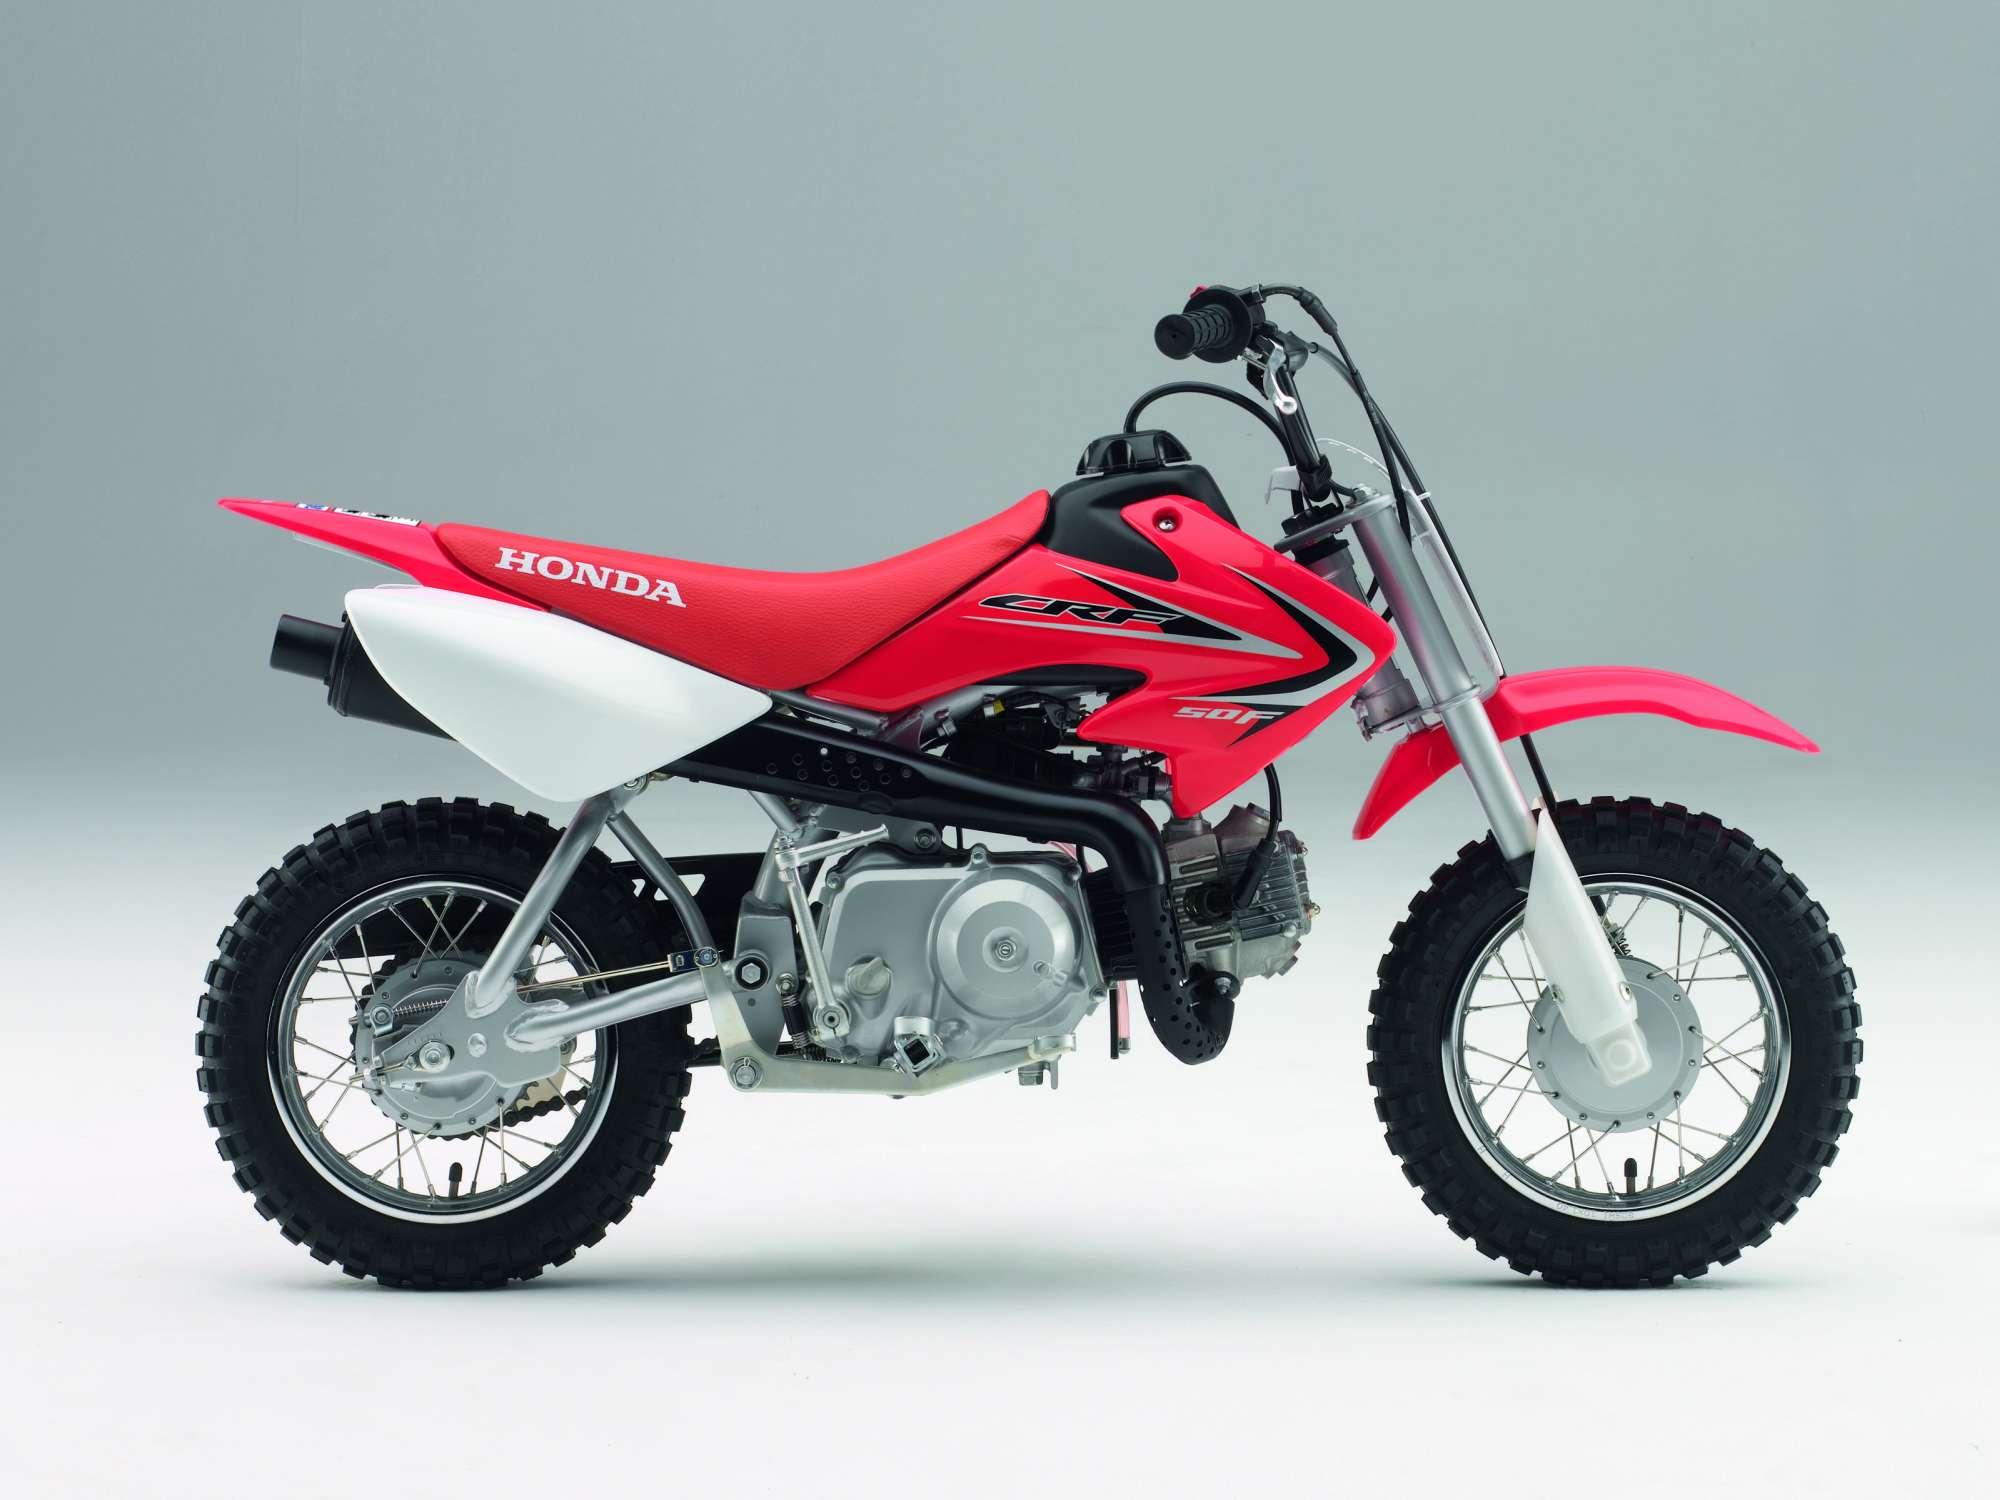 Honda CRF 50 F - Alle technischen Daten zum Modell CRF 50 F von Honda